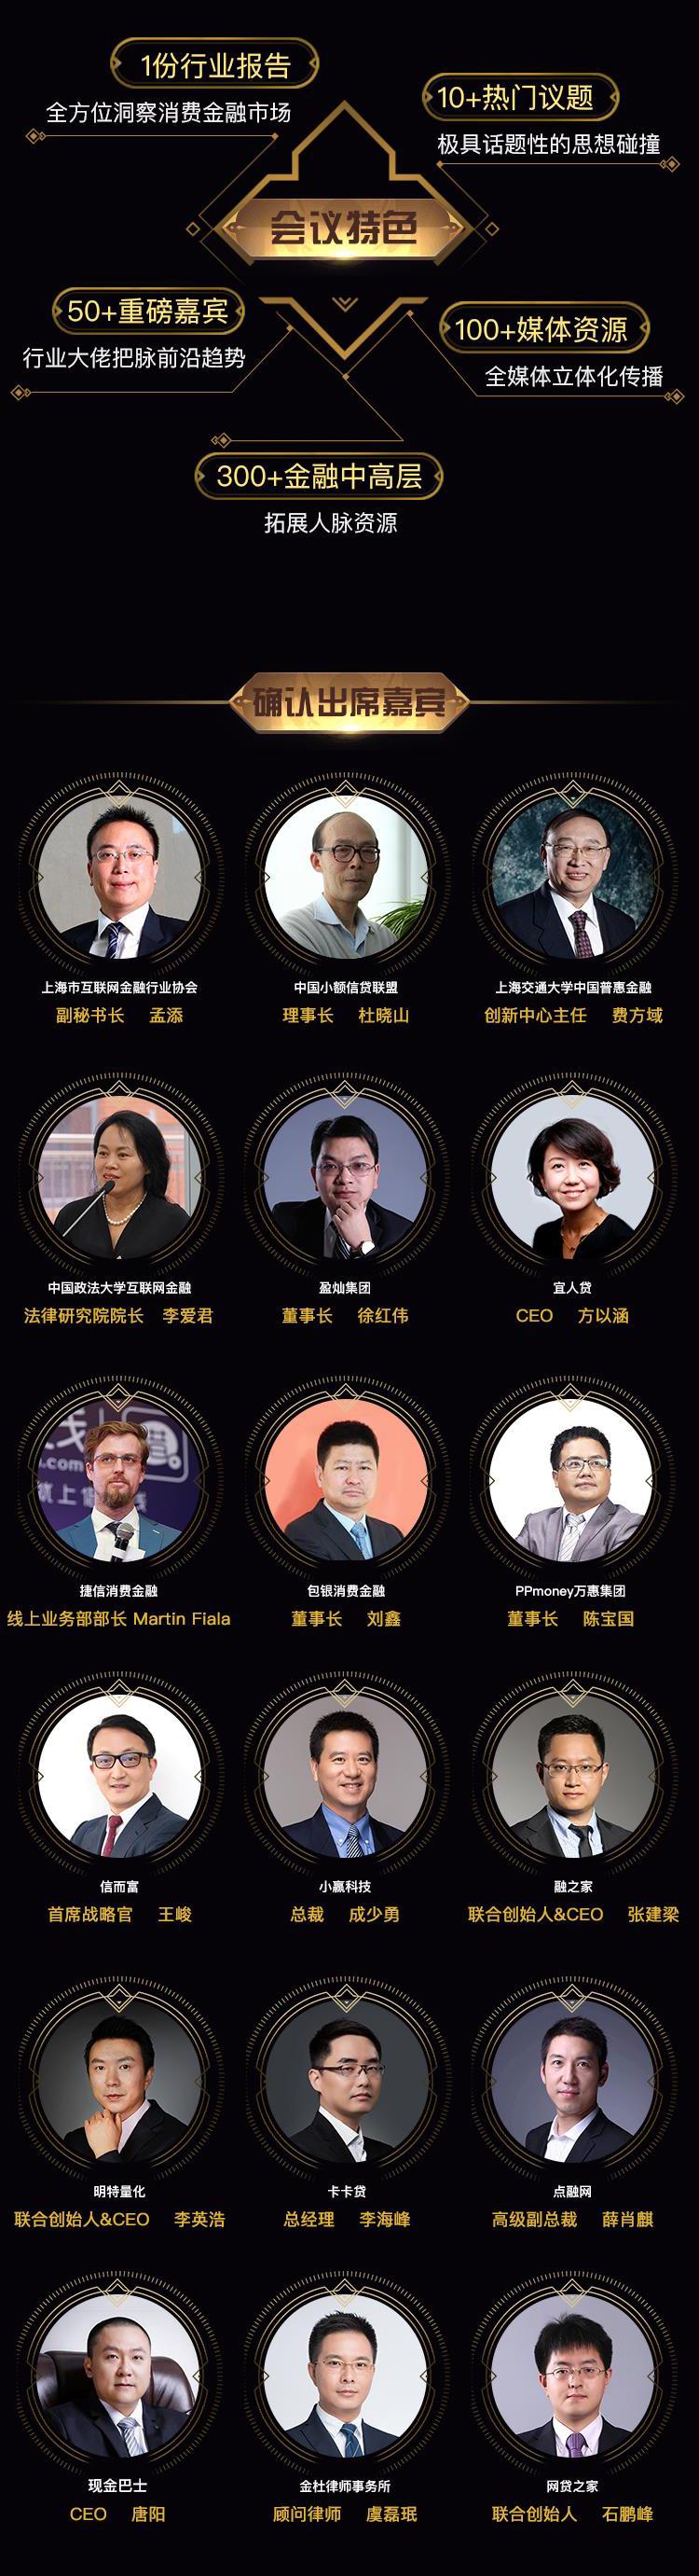 """""""融合·共生 开放·赋能""""2017年消费金融年度峰会"""